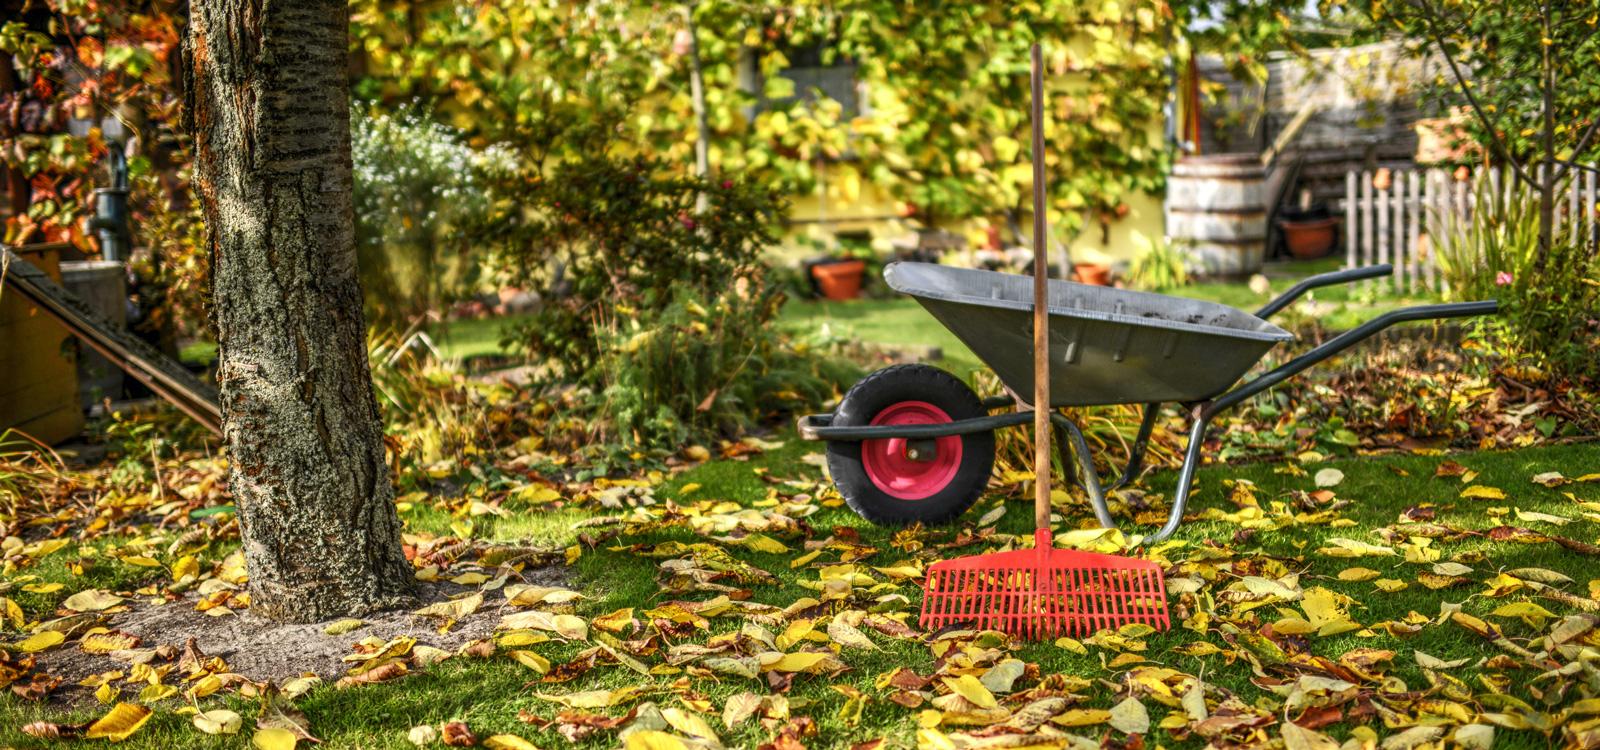 Laub harken: Wer die Blätter im Herbst vom Rasen entfernt, vermeidet gelbe Stellen auf der Grünfläche.